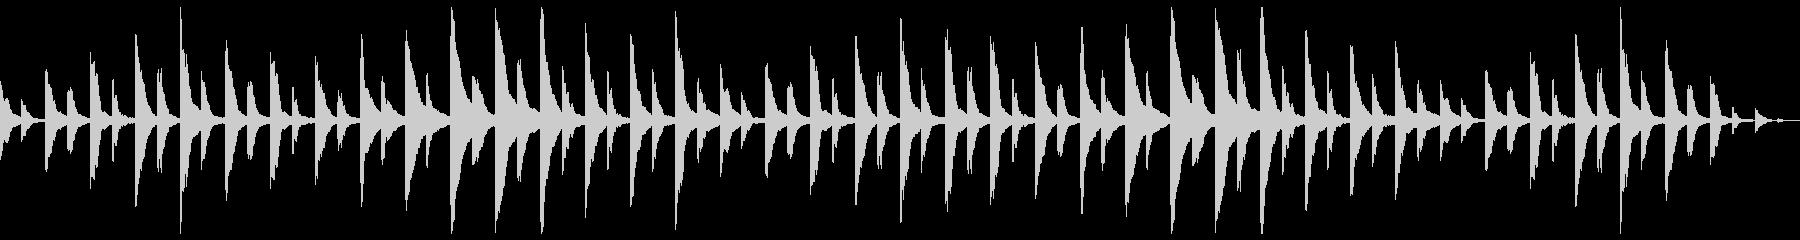 悲嘆な空気を感じさせる曲の未再生の波形